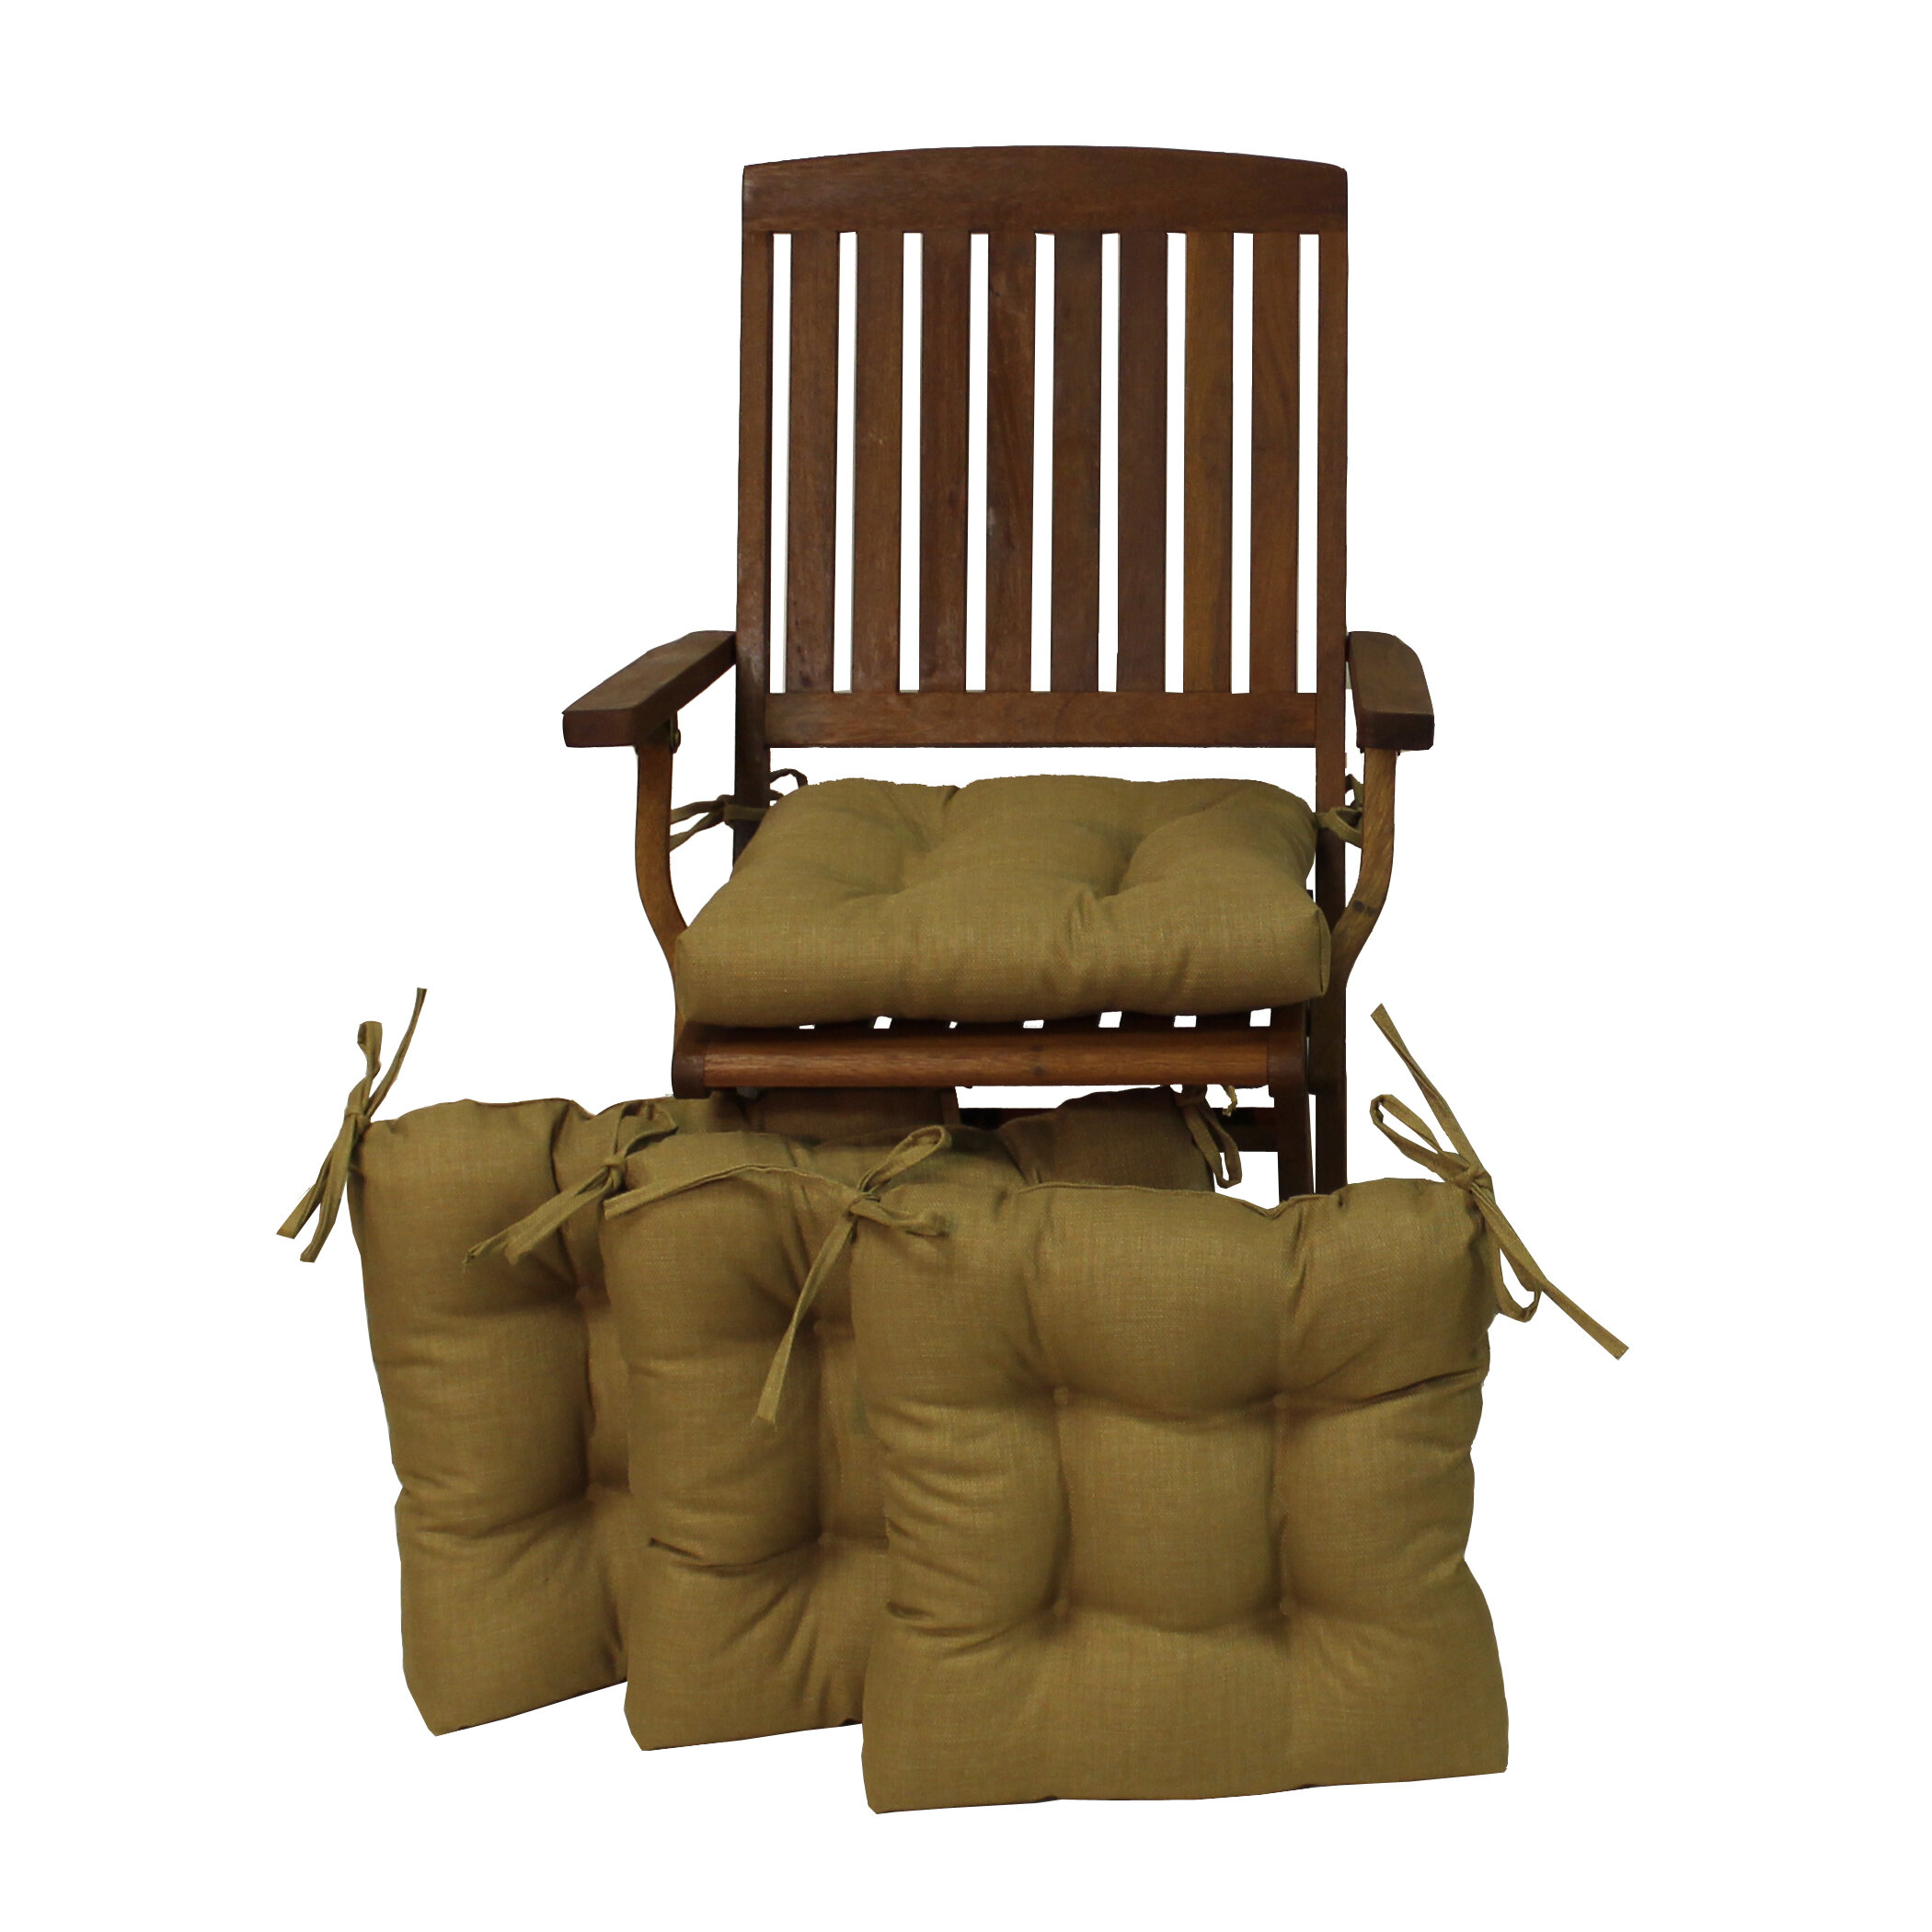 Coussin Pour Fauteuil Adirondack coussin de chaise adirondack intérieur/extérieur